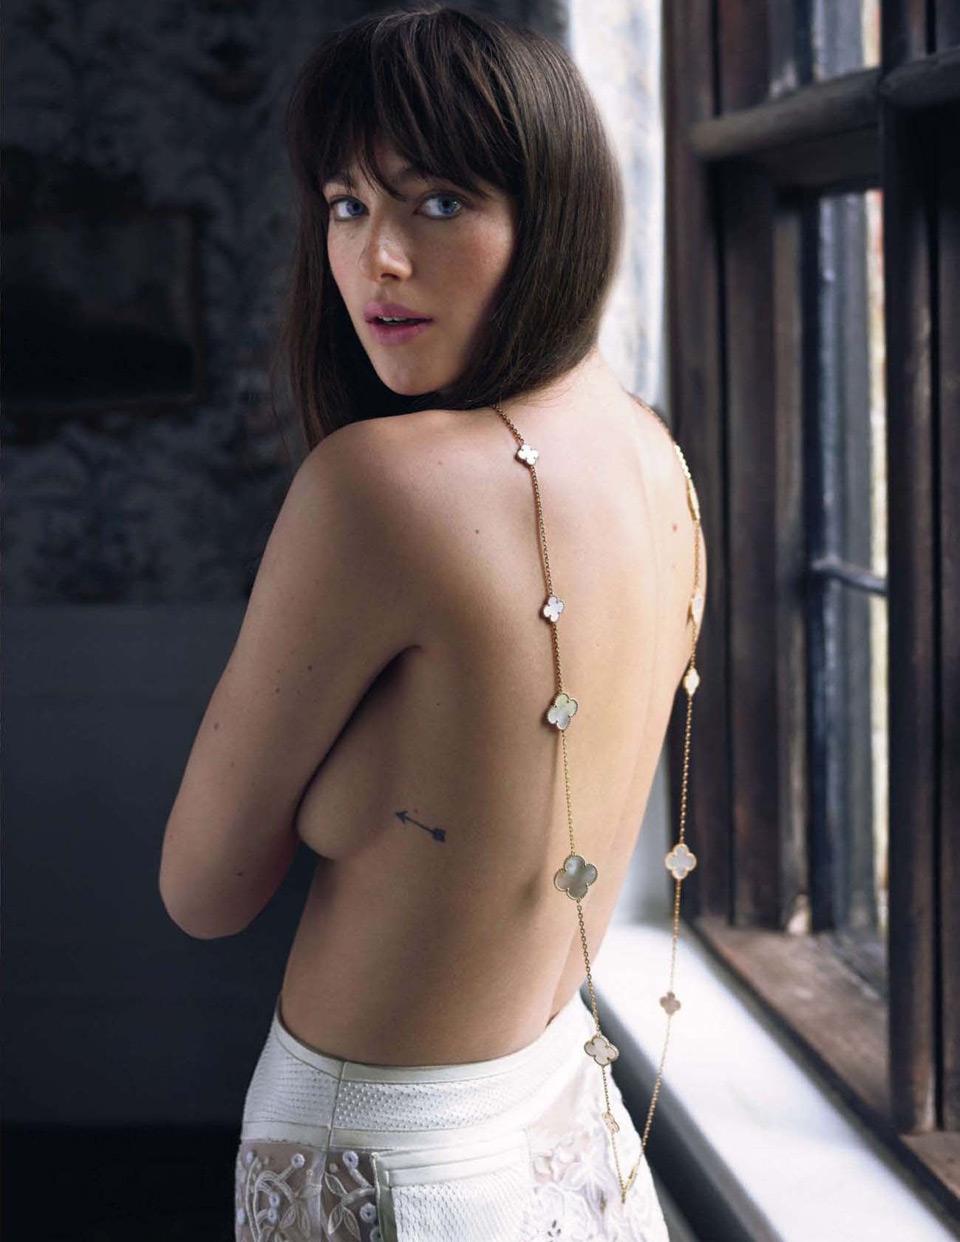 Aktrisa-Milli-Brejdi-v-zhurnale-Tatler-9-foto